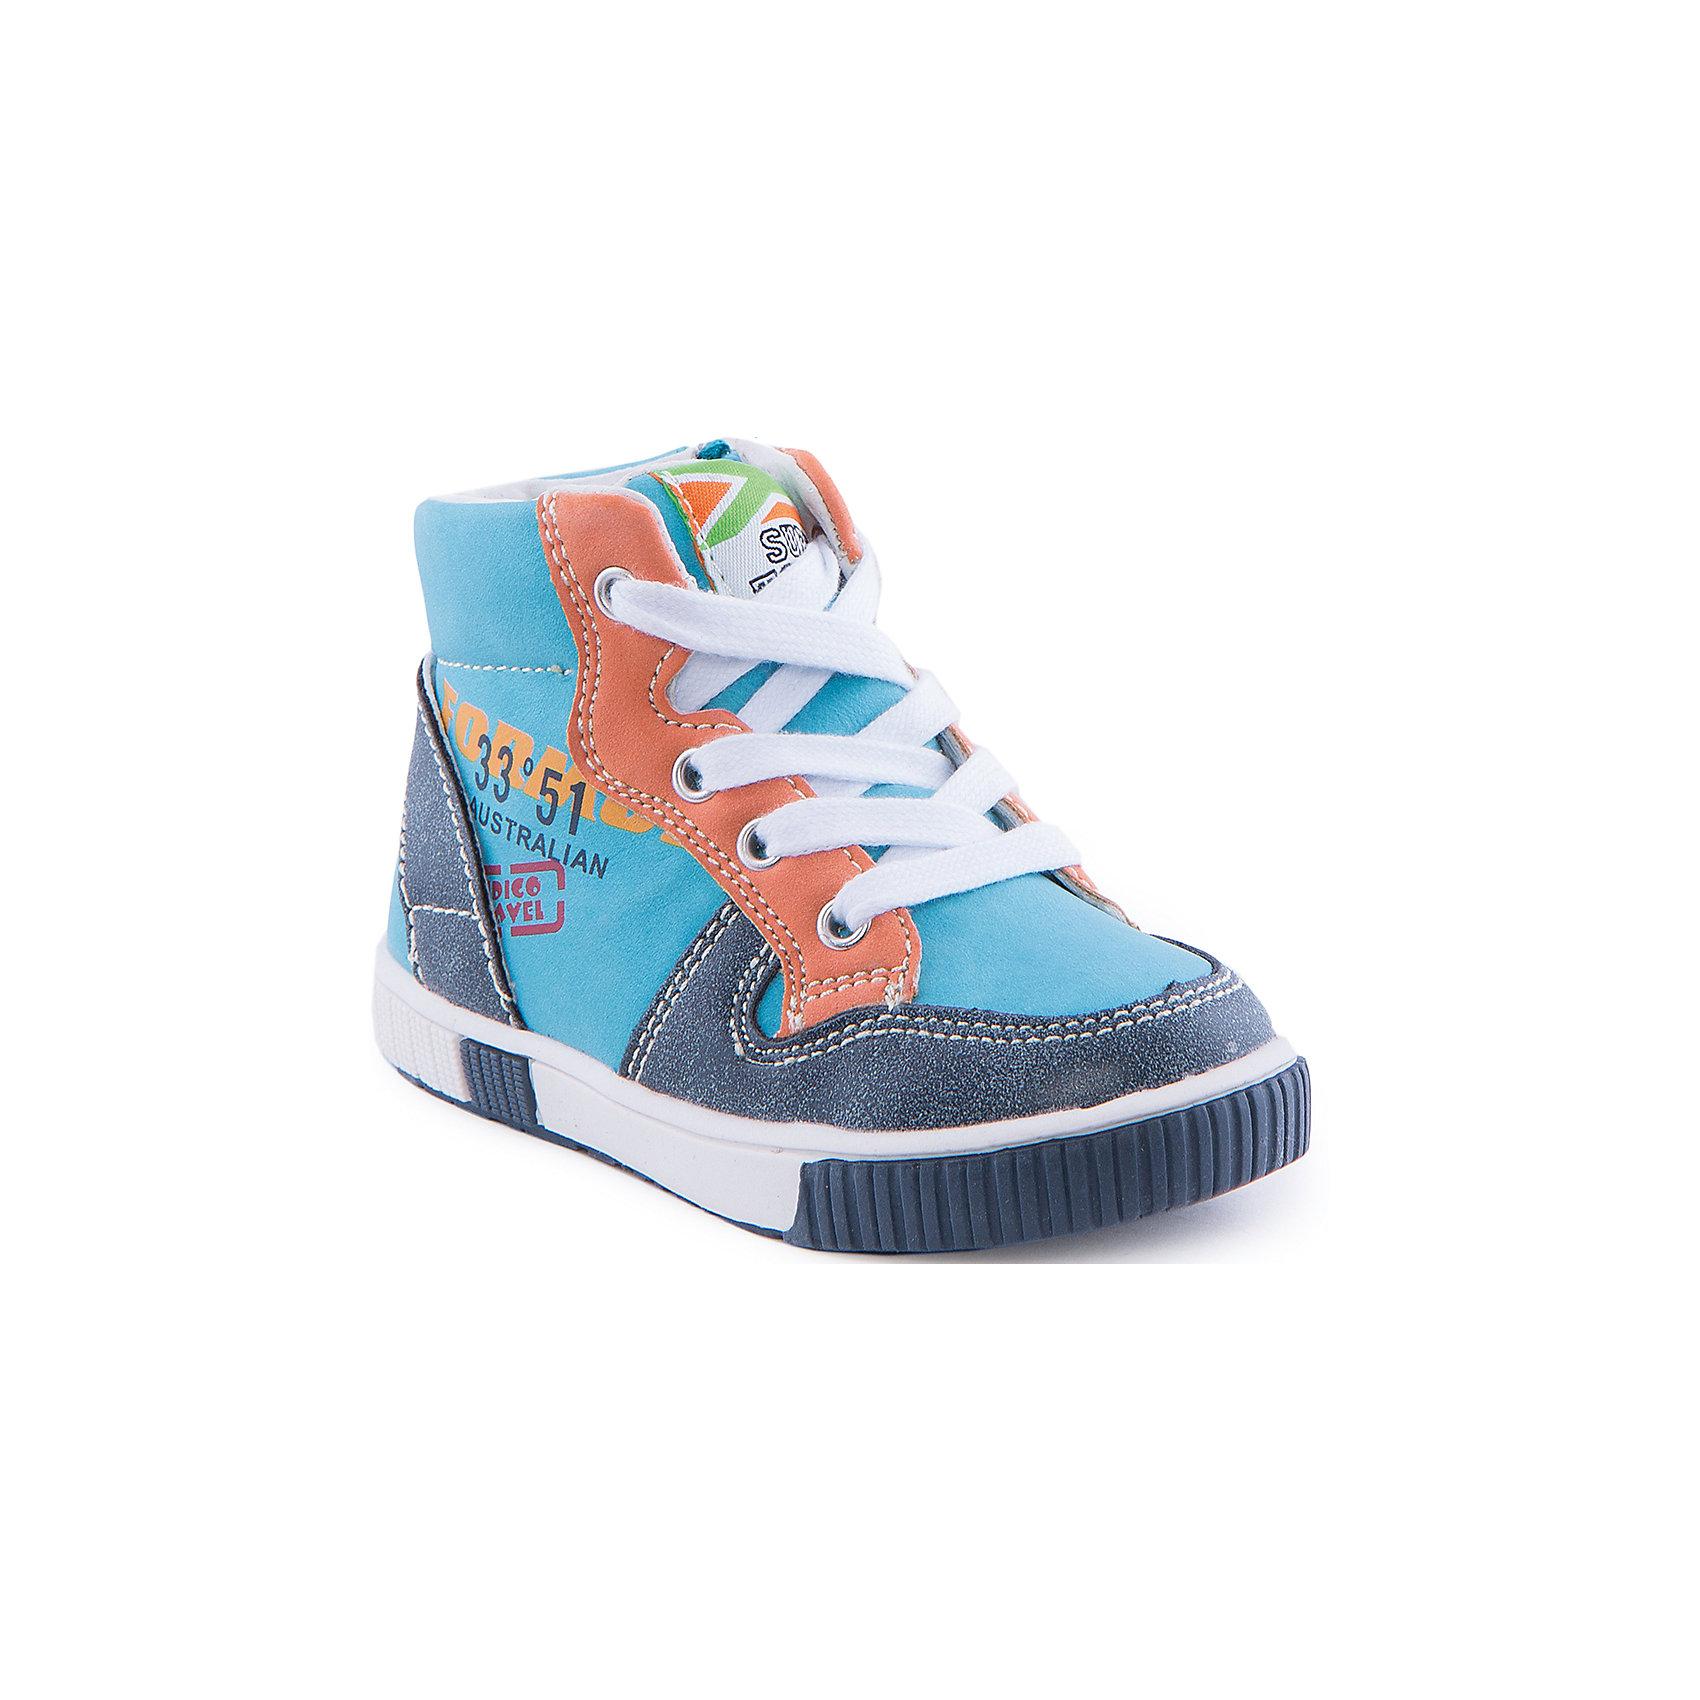 Ботинки для мальчика Indigo kidsБотинки<br>Ботинки для мальчика от известного бренда Indigo kids<br><br>Стильные и удобные ботинки созданы специально для мальчиков. Ботинки легко надеваются и комфортно садятся по ноге. <br><br>Особенности модели:<br><br>- цвет - голубой, оранжевый, синий;<br>- стильный дизайн;<br>- удобная колодка;<br>- кожаная подкладка;<br>- качественная контрастная прострочка;<br>- декорированы принтом;<br>- устойчивая белая подошва;<br>- застежки: шнуровка, молния.<br><br><br>Дополнительная информация:<br><br>Температурный режим:<br>от +5° С до +15° С<br><br>Состав:<br><br>верх – искусственная кожа;<br>подкладка - натуральная кожа;<br>подошва - ТЭП.<br><br>Ботинки для мальчика Indigo kids (Индиго Кидс) можно купить в нашем магазине.<br><br>Ширина мм: 262<br>Глубина мм: 176<br>Высота мм: 97<br>Вес г: 427<br>Цвет: голубой<br>Возраст от месяцев: 18<br>Возраст до месяцев: 21<br>Пол: Мужской<br>Возраст: Детский<br>Размер: 23,26,27,24,22,25<br>SKU: 4520048